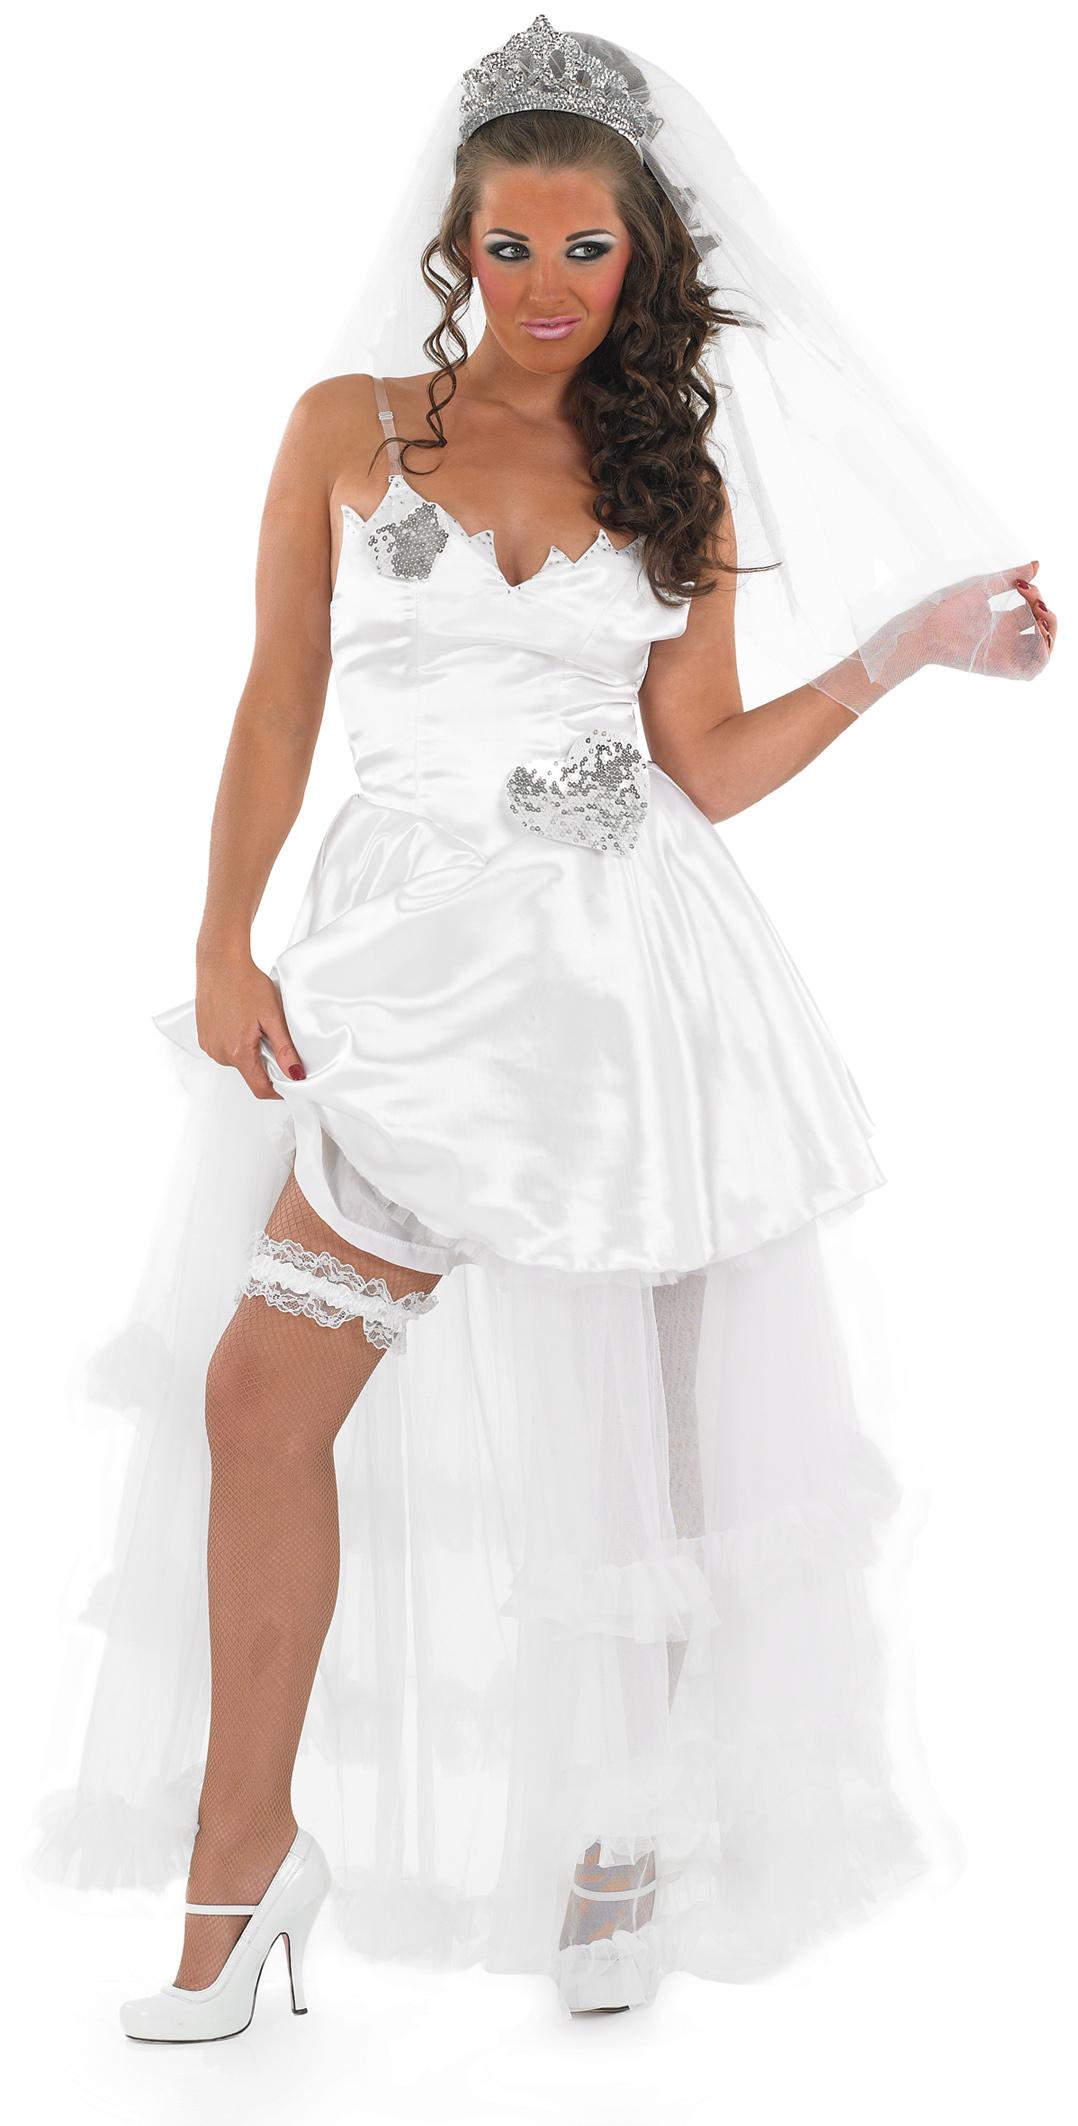 cheap white fancy wedding dresses fancy wedding dresses Cheap White Fancy Wedding Dresses